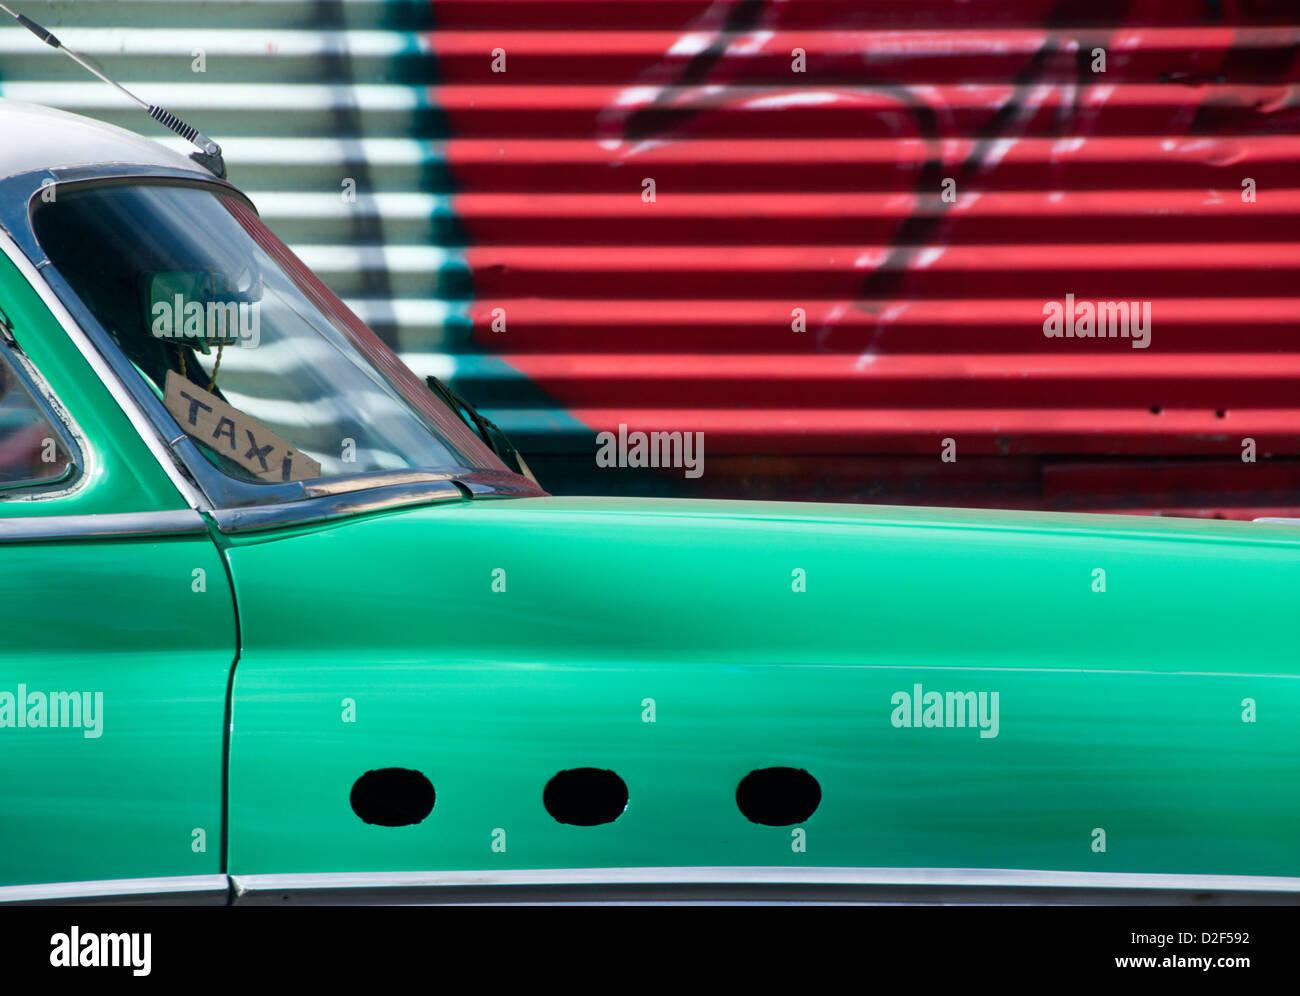 1950 coche clásico americano siendo usado como un Taxi con antecedentes de Graffiti, La Habana, Ciudad de La Imagen De Stock